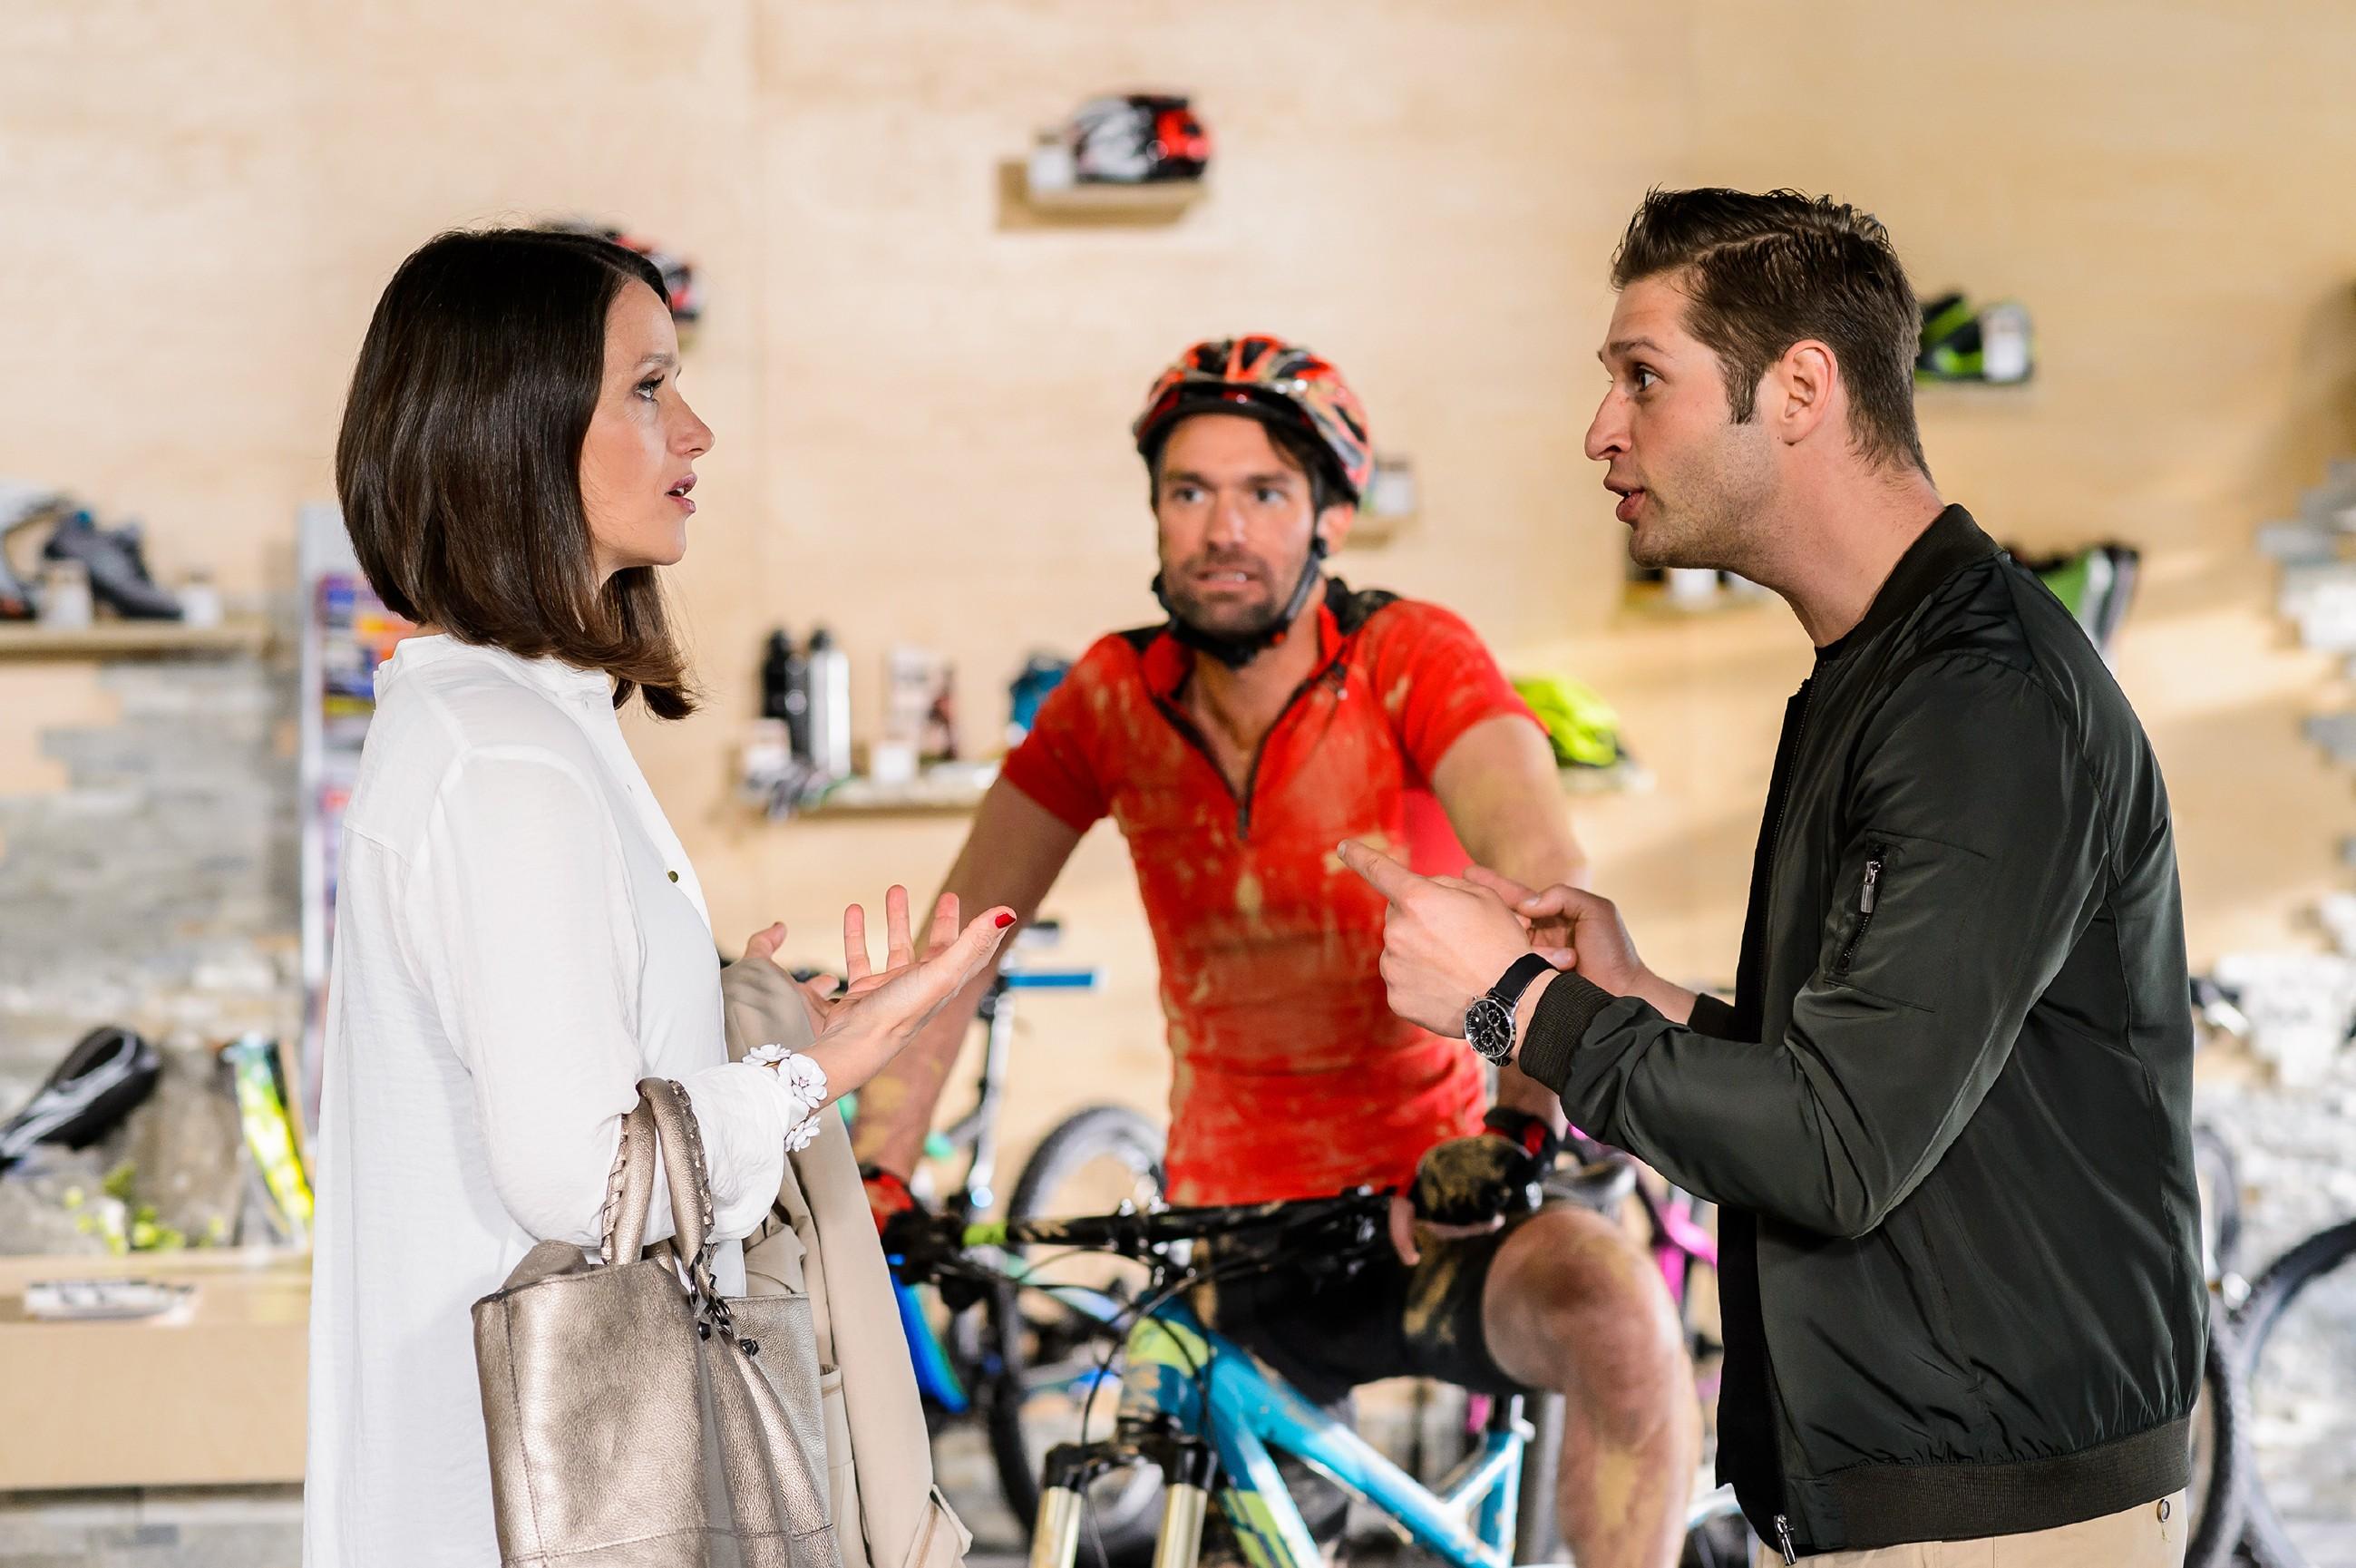 Während Jenny (Kaja Schmidt-Tychsen) und Deniz (Igor Dolgatschew, r.) nur schwerlich eine Einigung bei ihrem Konzept finden, berichtet Thomas (Daniel Brockhaus) begeistert von einer Mountainbike-Tour. (Quelle: RTL / Willi Weber)